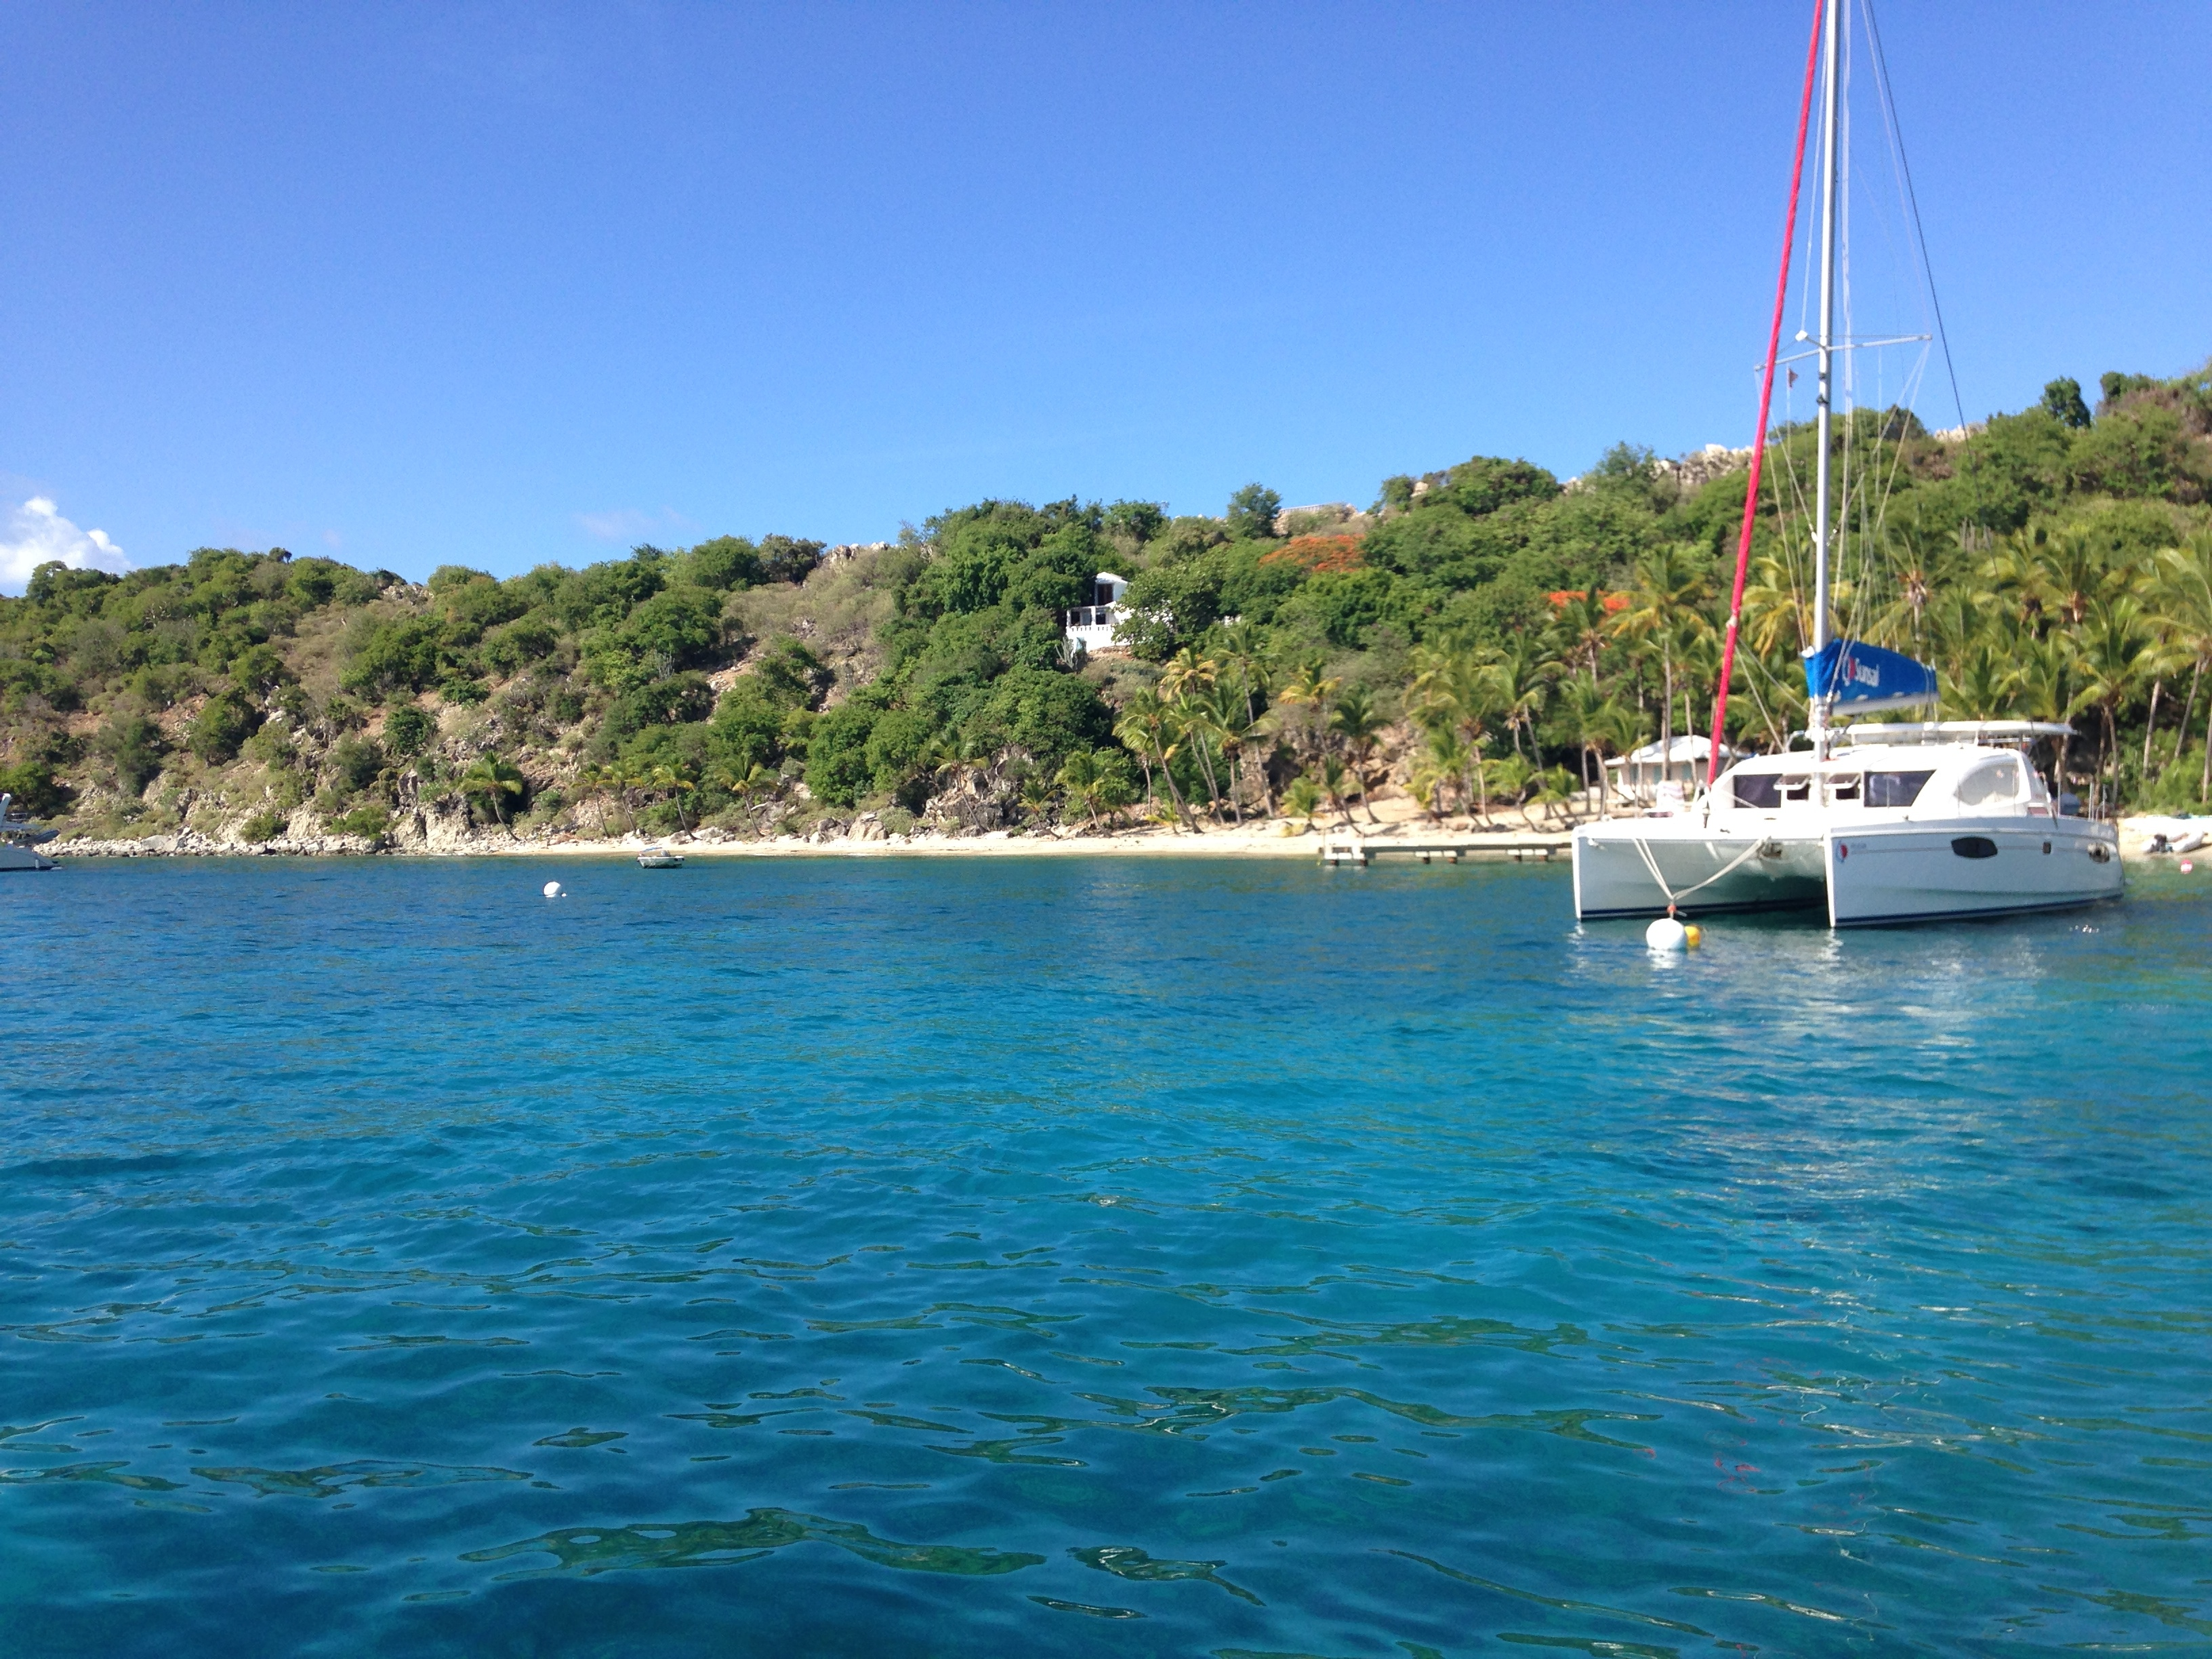 Noleggio Barche Cooper Island - Navalia   Noleggia un Sogno